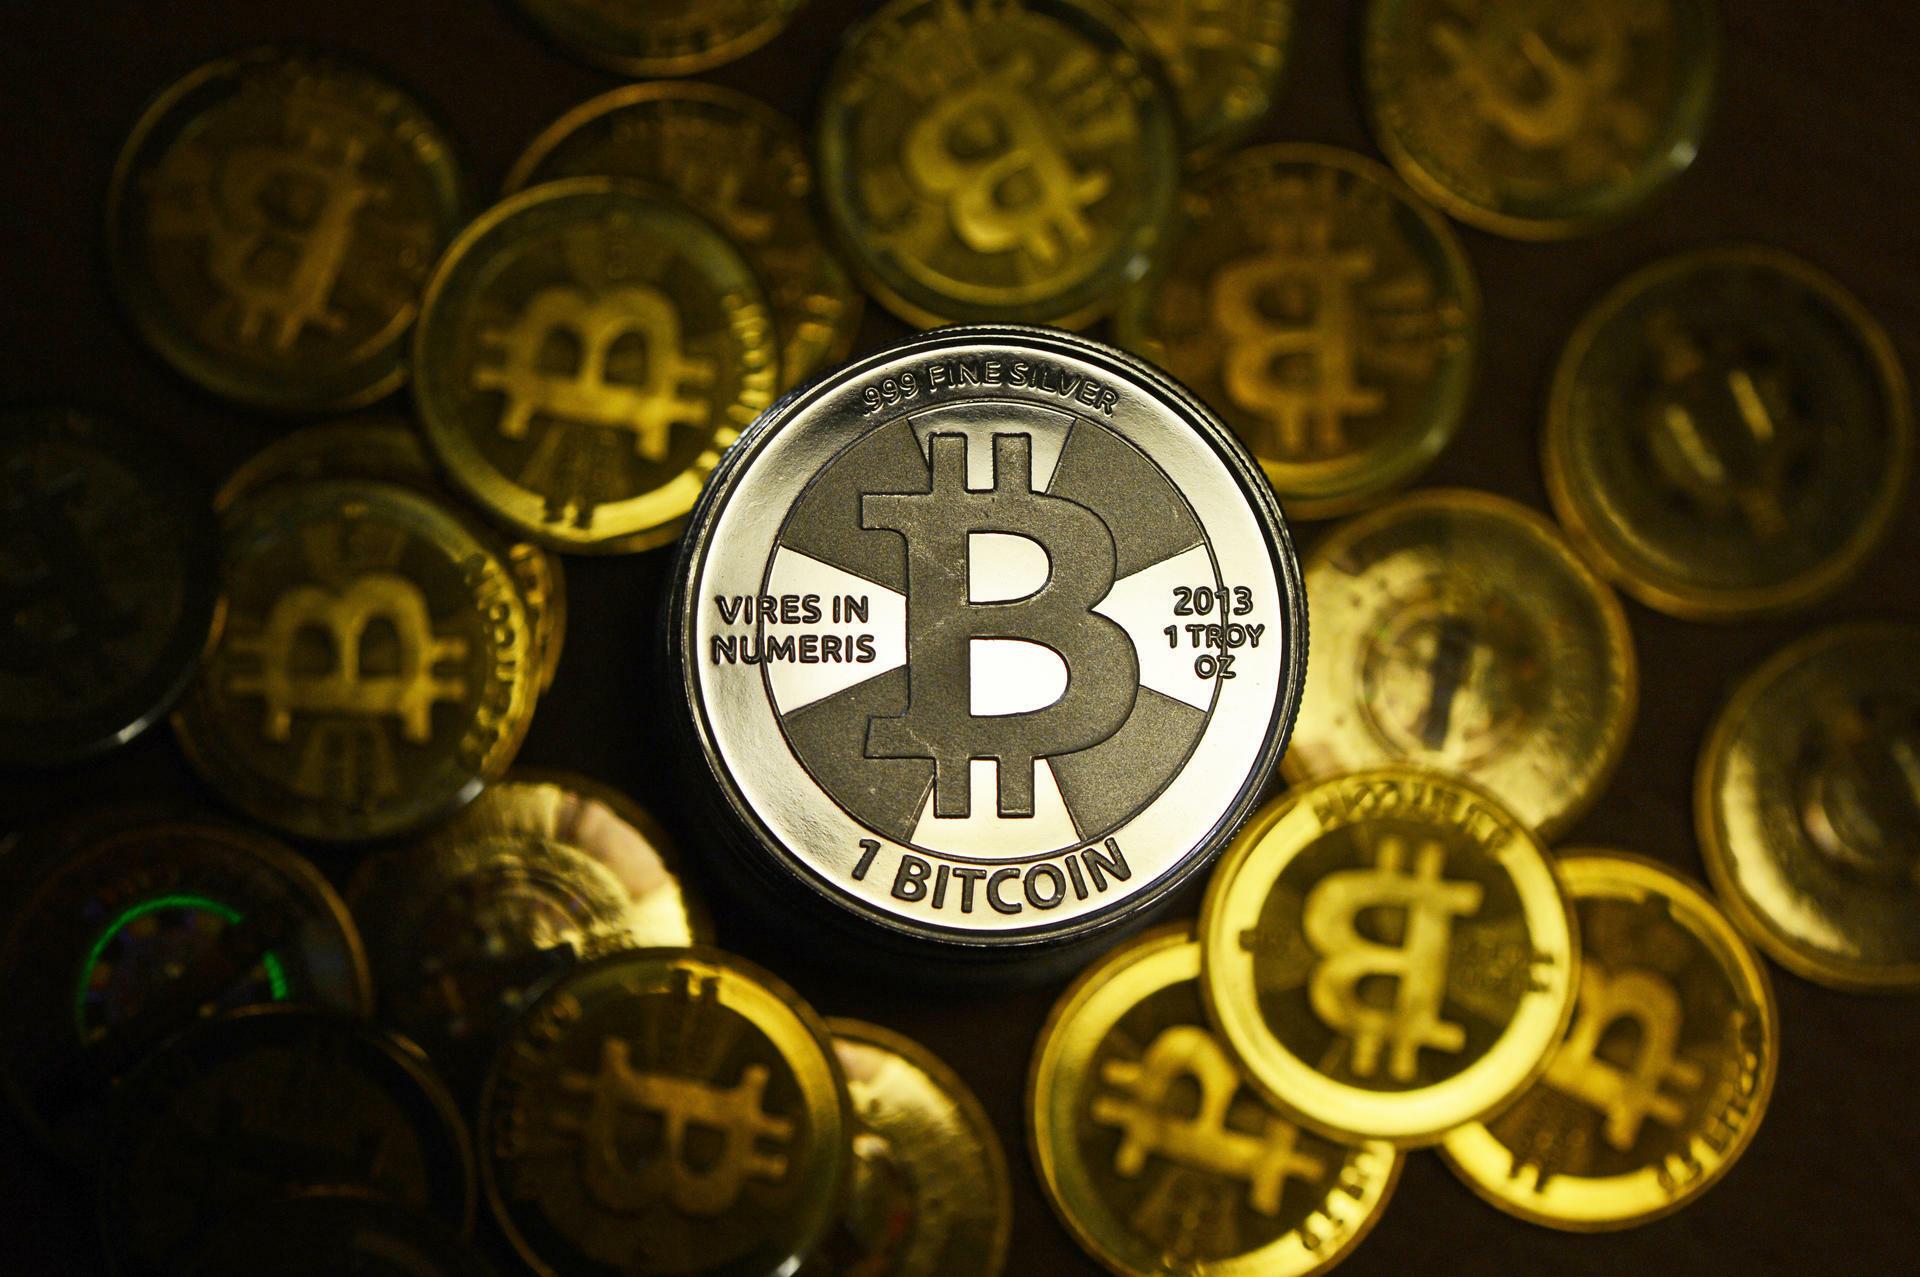 forex triangular arbitrage formula was passiert, wenn die cme group mit dem handel mit bitcoin beginnt?